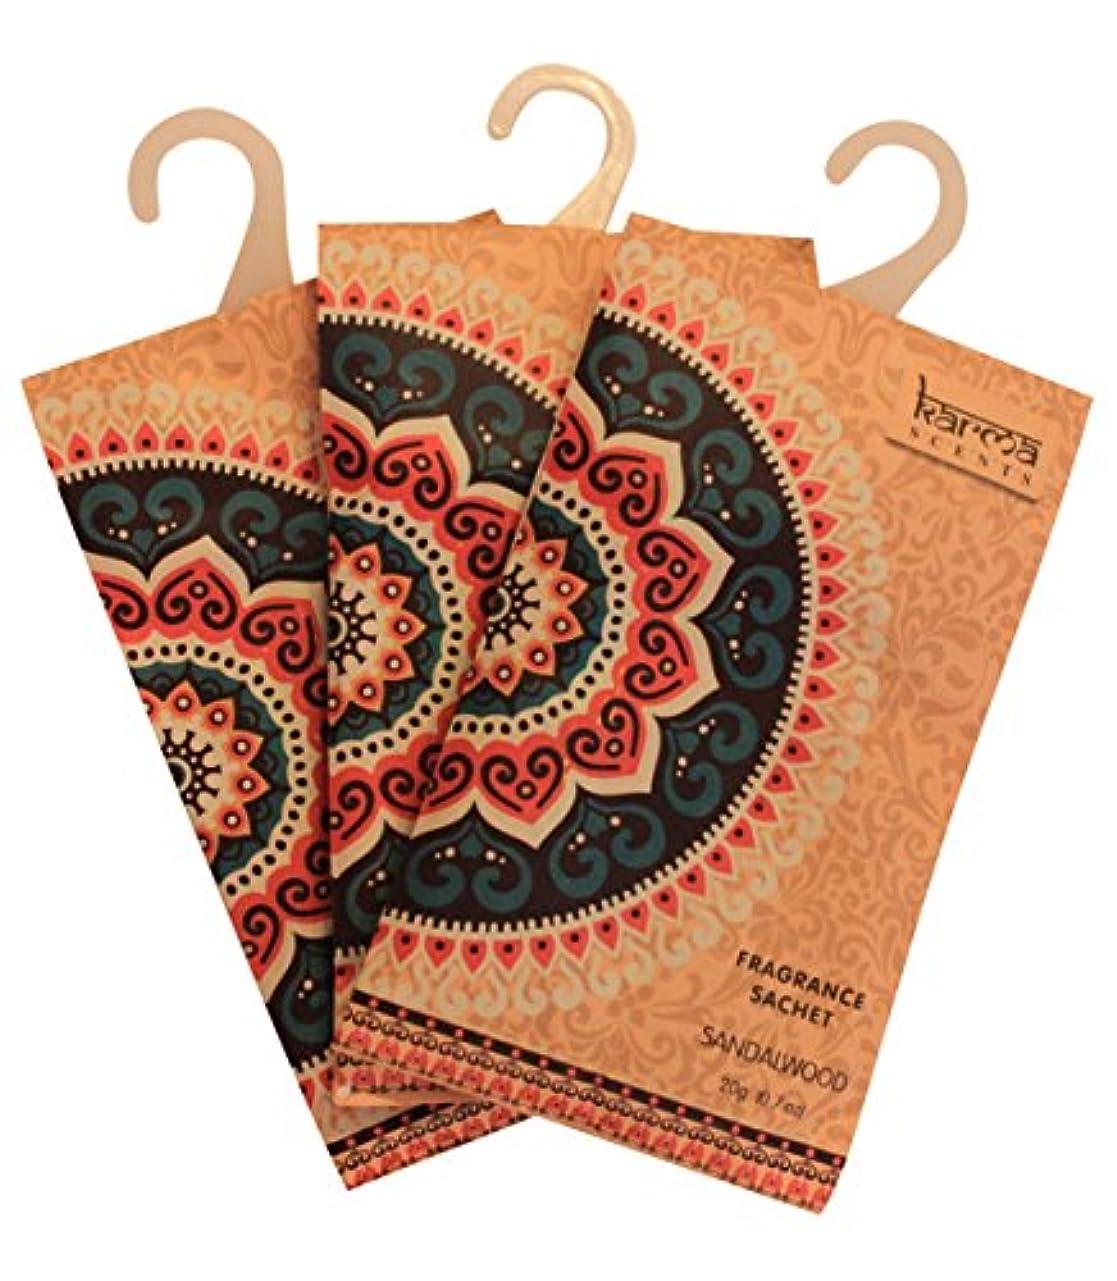 関係ないシミュレートする湿った(Sandalwood) - Premium Sandalwood Scented Sachets for Drawers, Closets and Cars, Lovely Fresh fragrance, Lot of 12 Bags, By Karma Scents